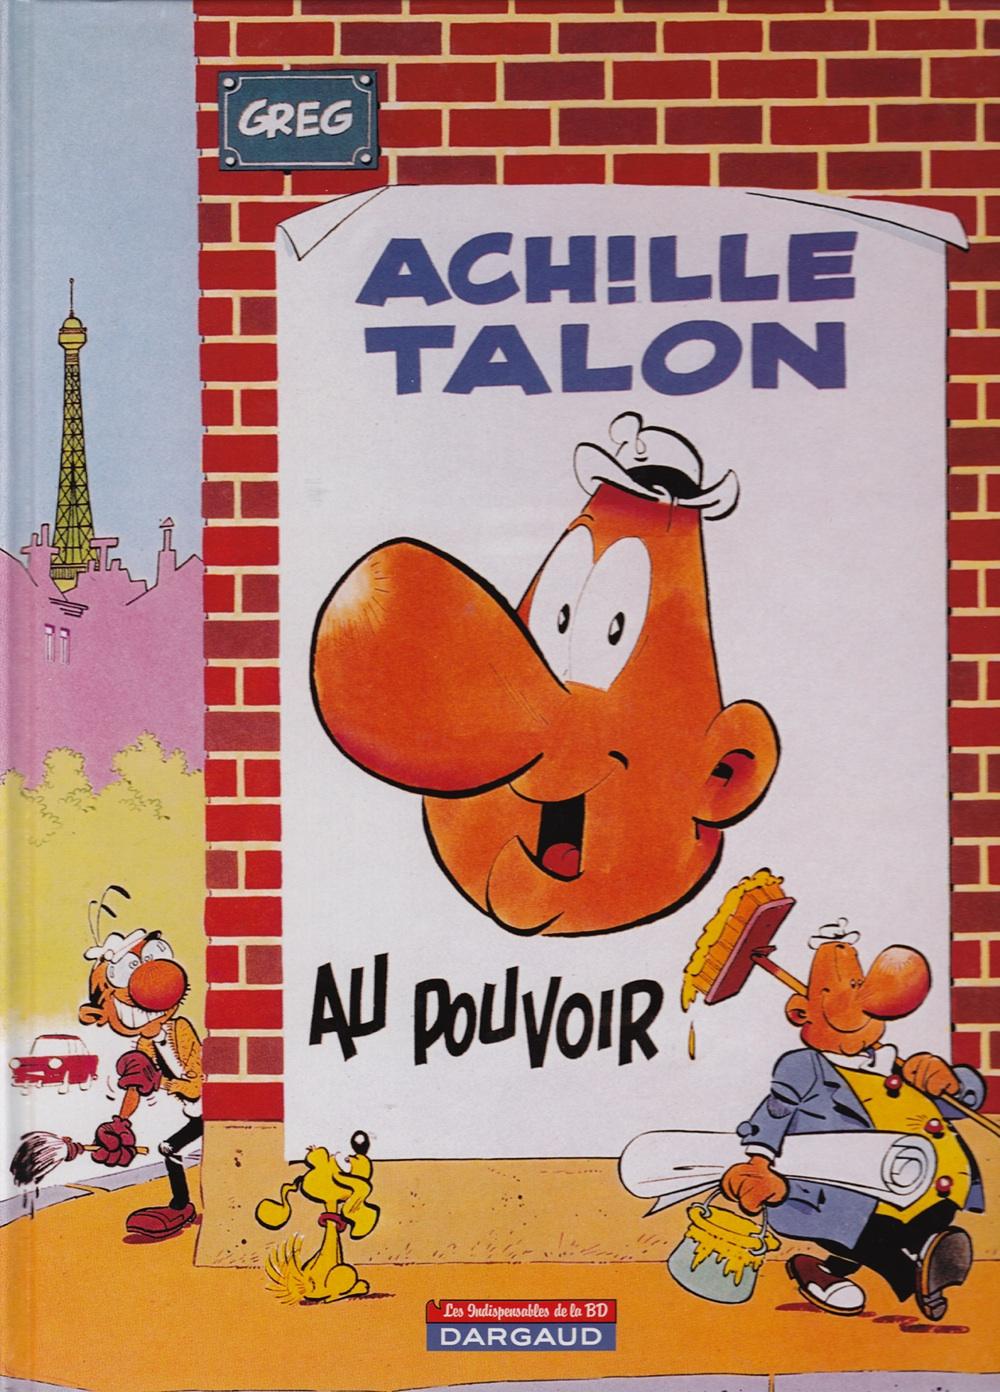 Achille Talon au pouvoir / Greg (Dargaud)